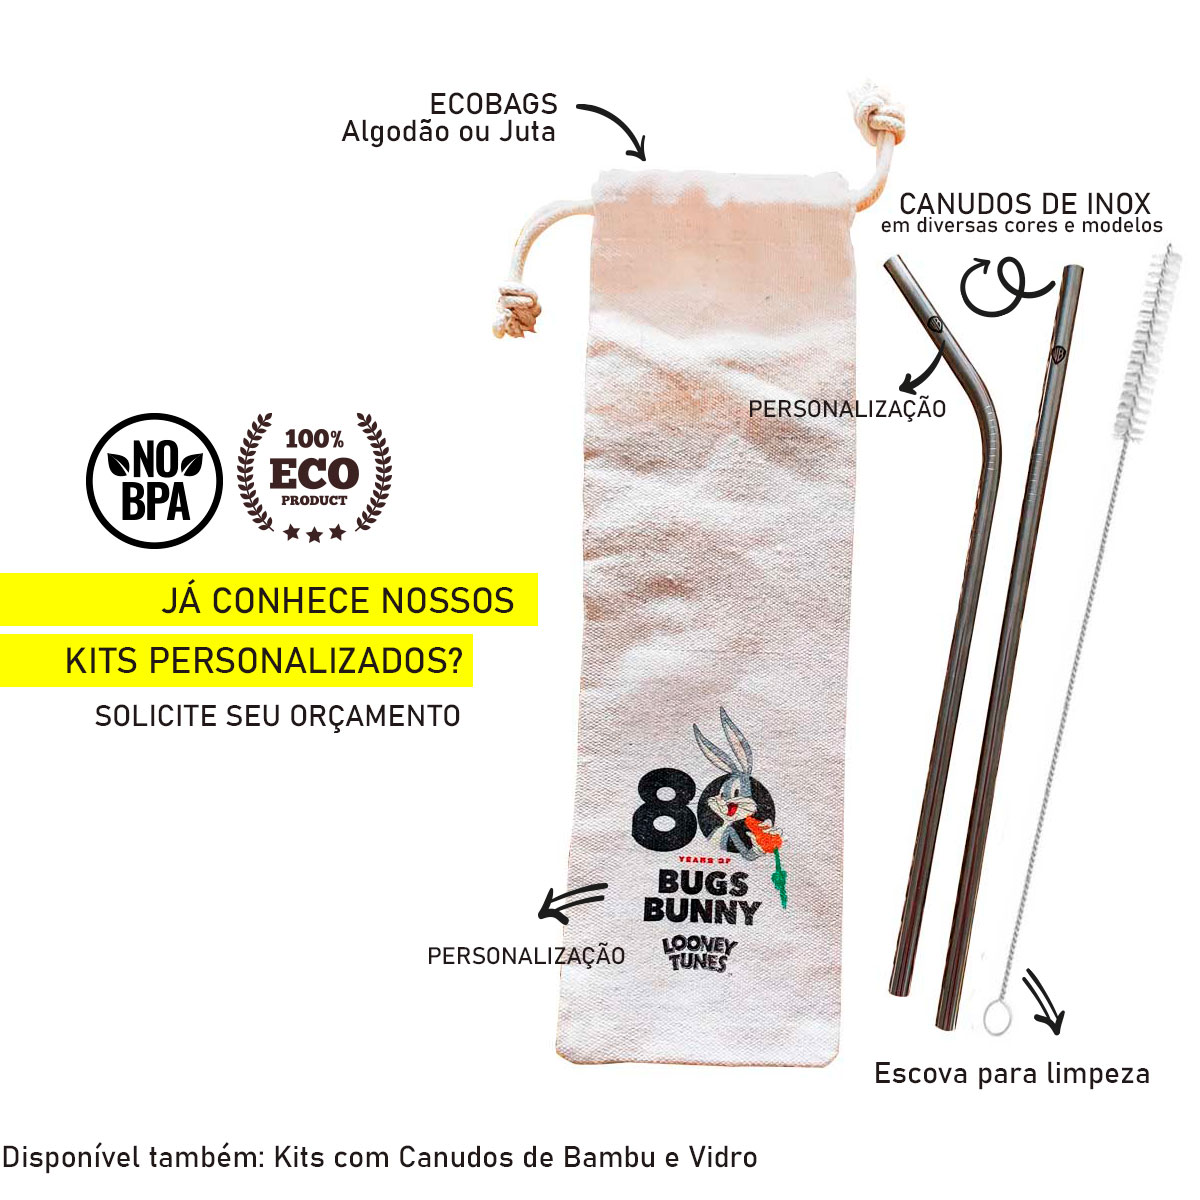 Kit 5 em 1 (Shake 12mm) - 3 Canudos de Inox + Escova + Ecobag